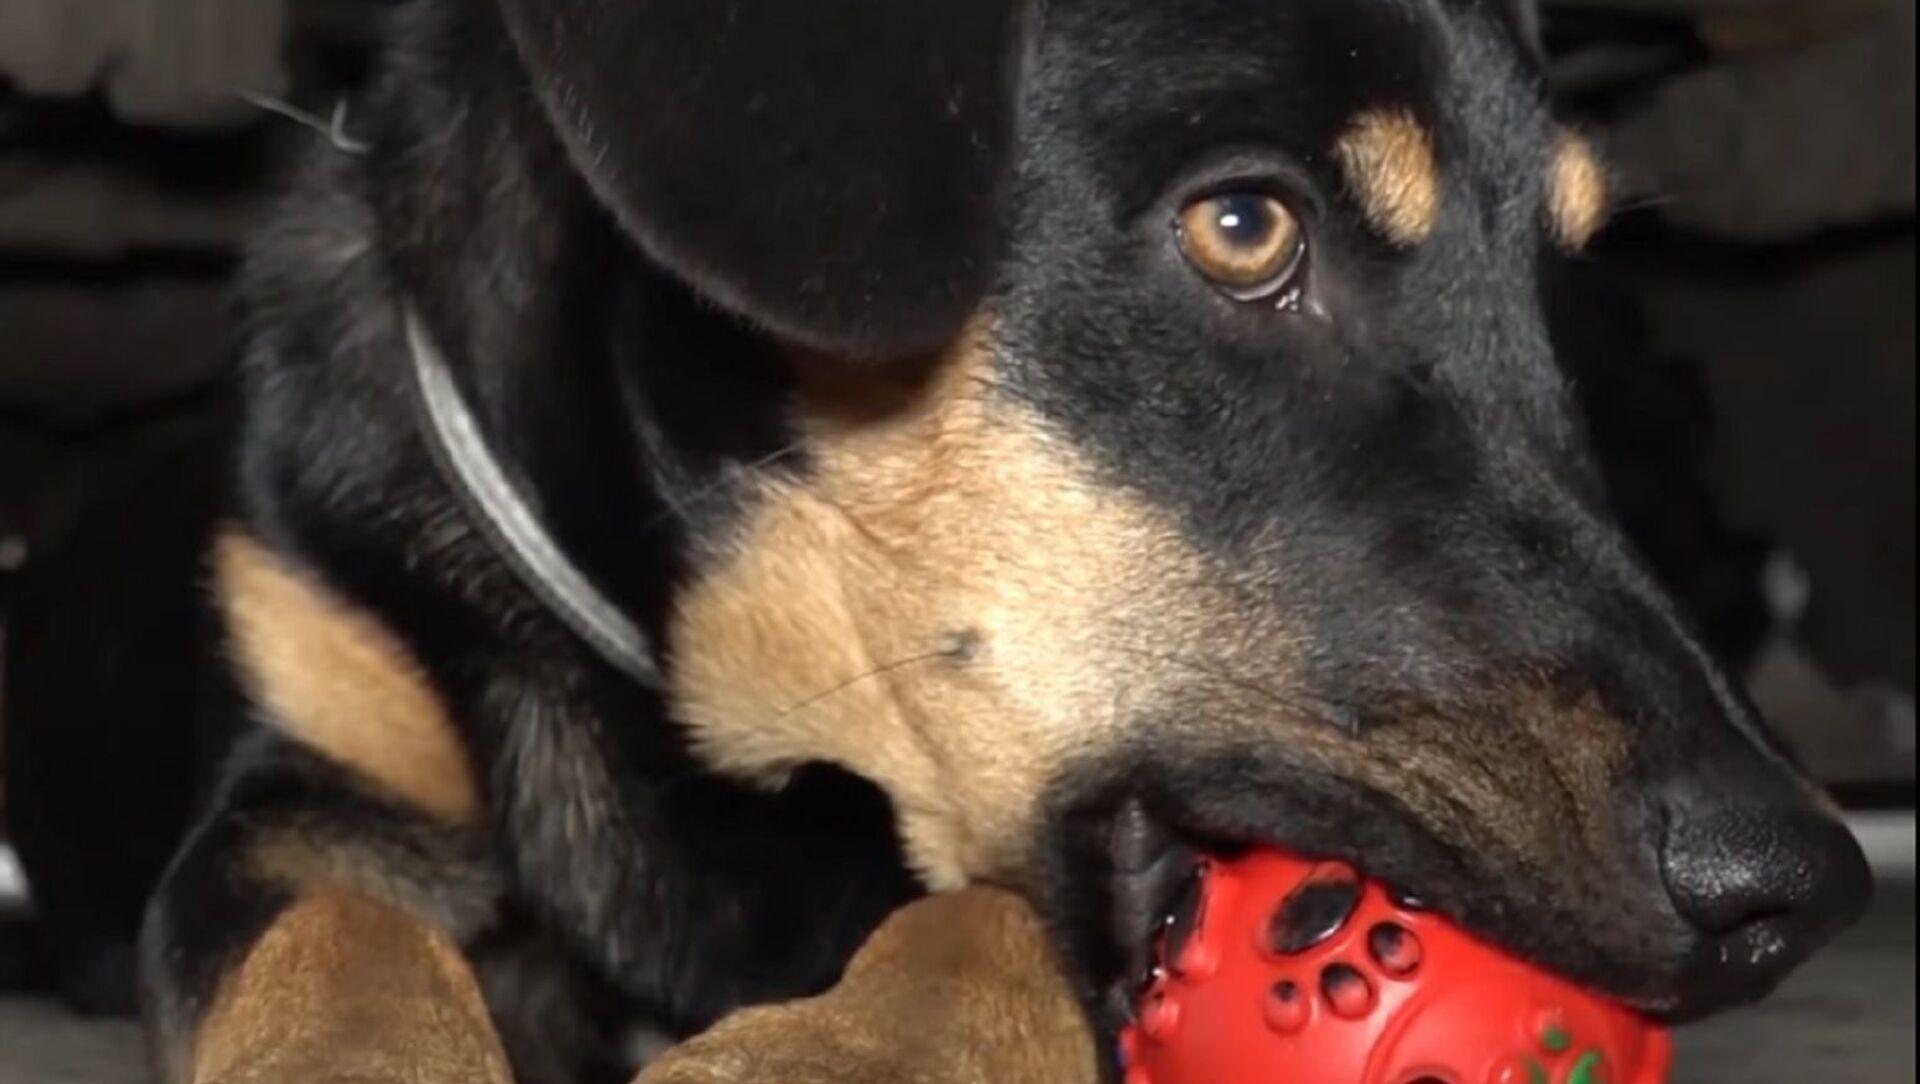 Russia: cucciolo salvato dall'incendio diventa membro della squadra di Vigili del fuoco - Sputnik Italia, 1920, 06.03.2021